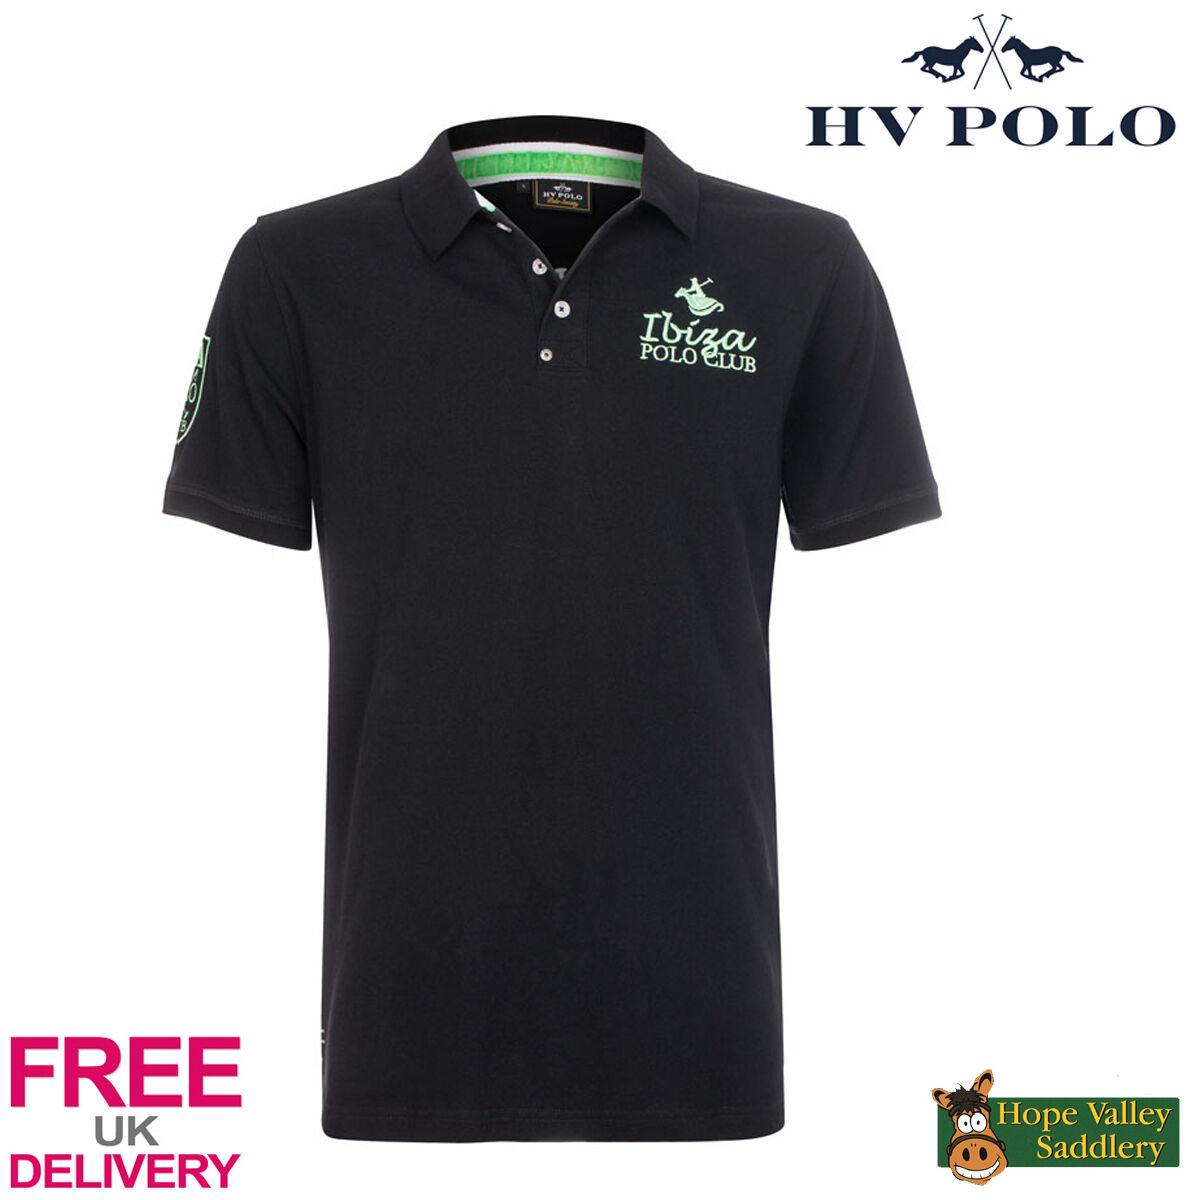 HV Polo Polo Da Uomo Antonio SPEDIZIONE GRATUITA IN UK